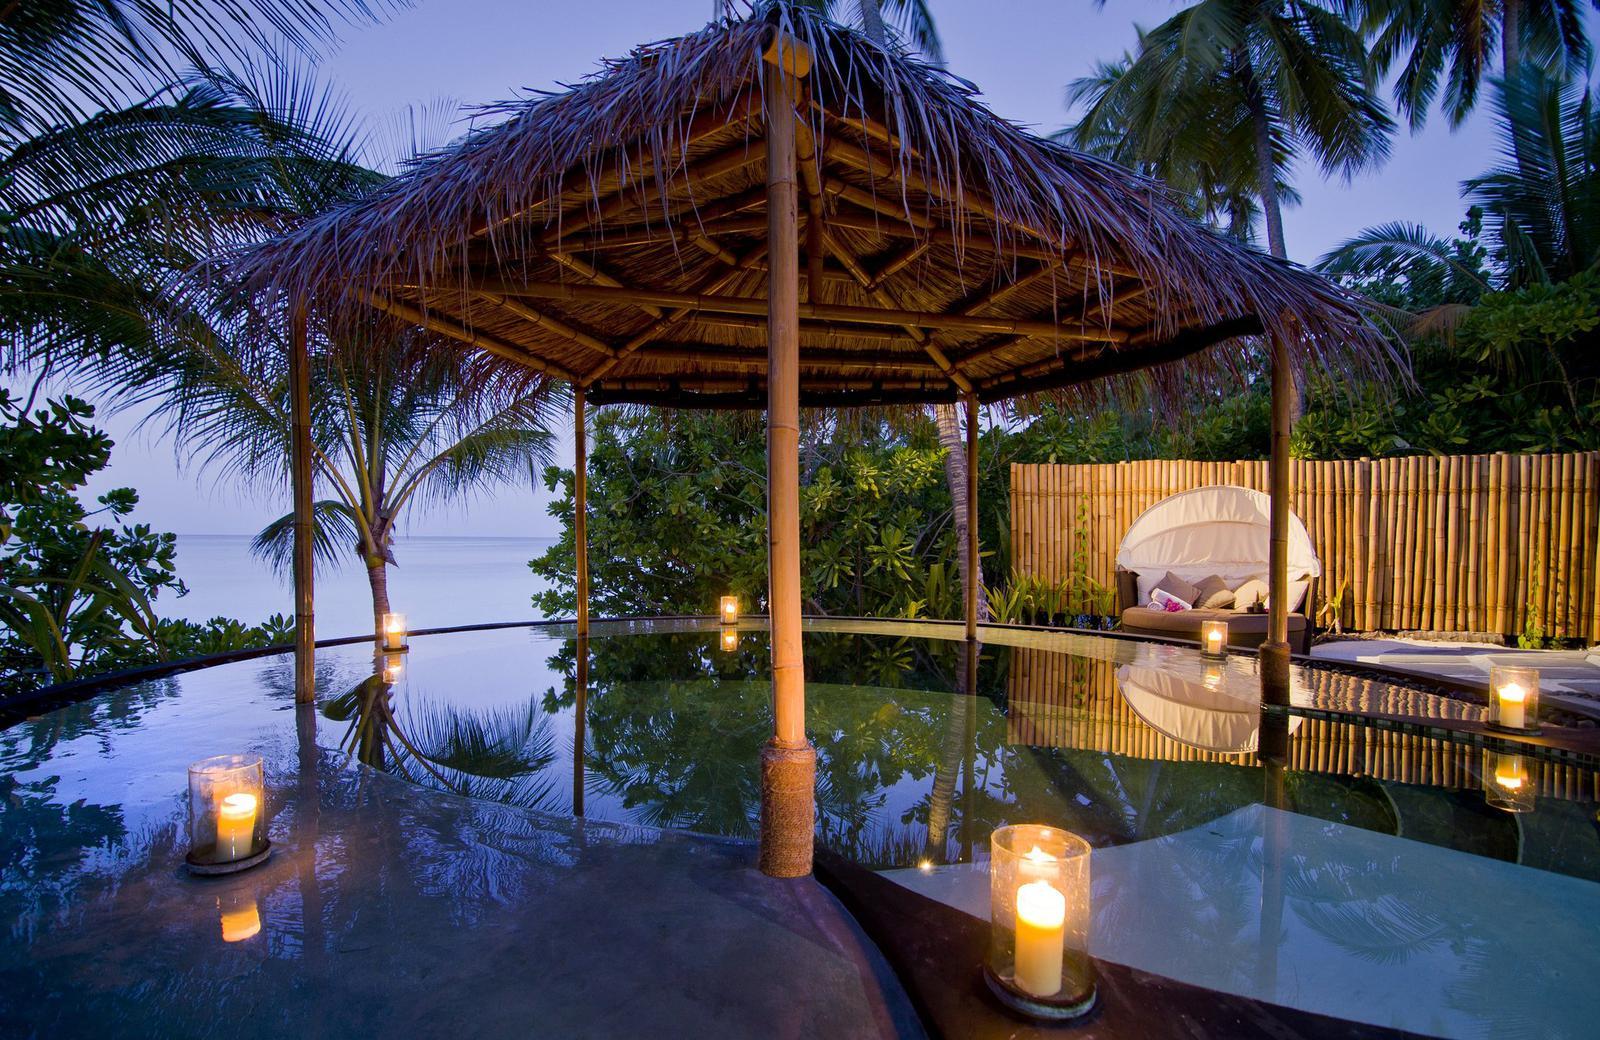 Magnífico Jacuzzi con vistas a la playa en el hotel Rheeti Rah en las Islas Maldivas